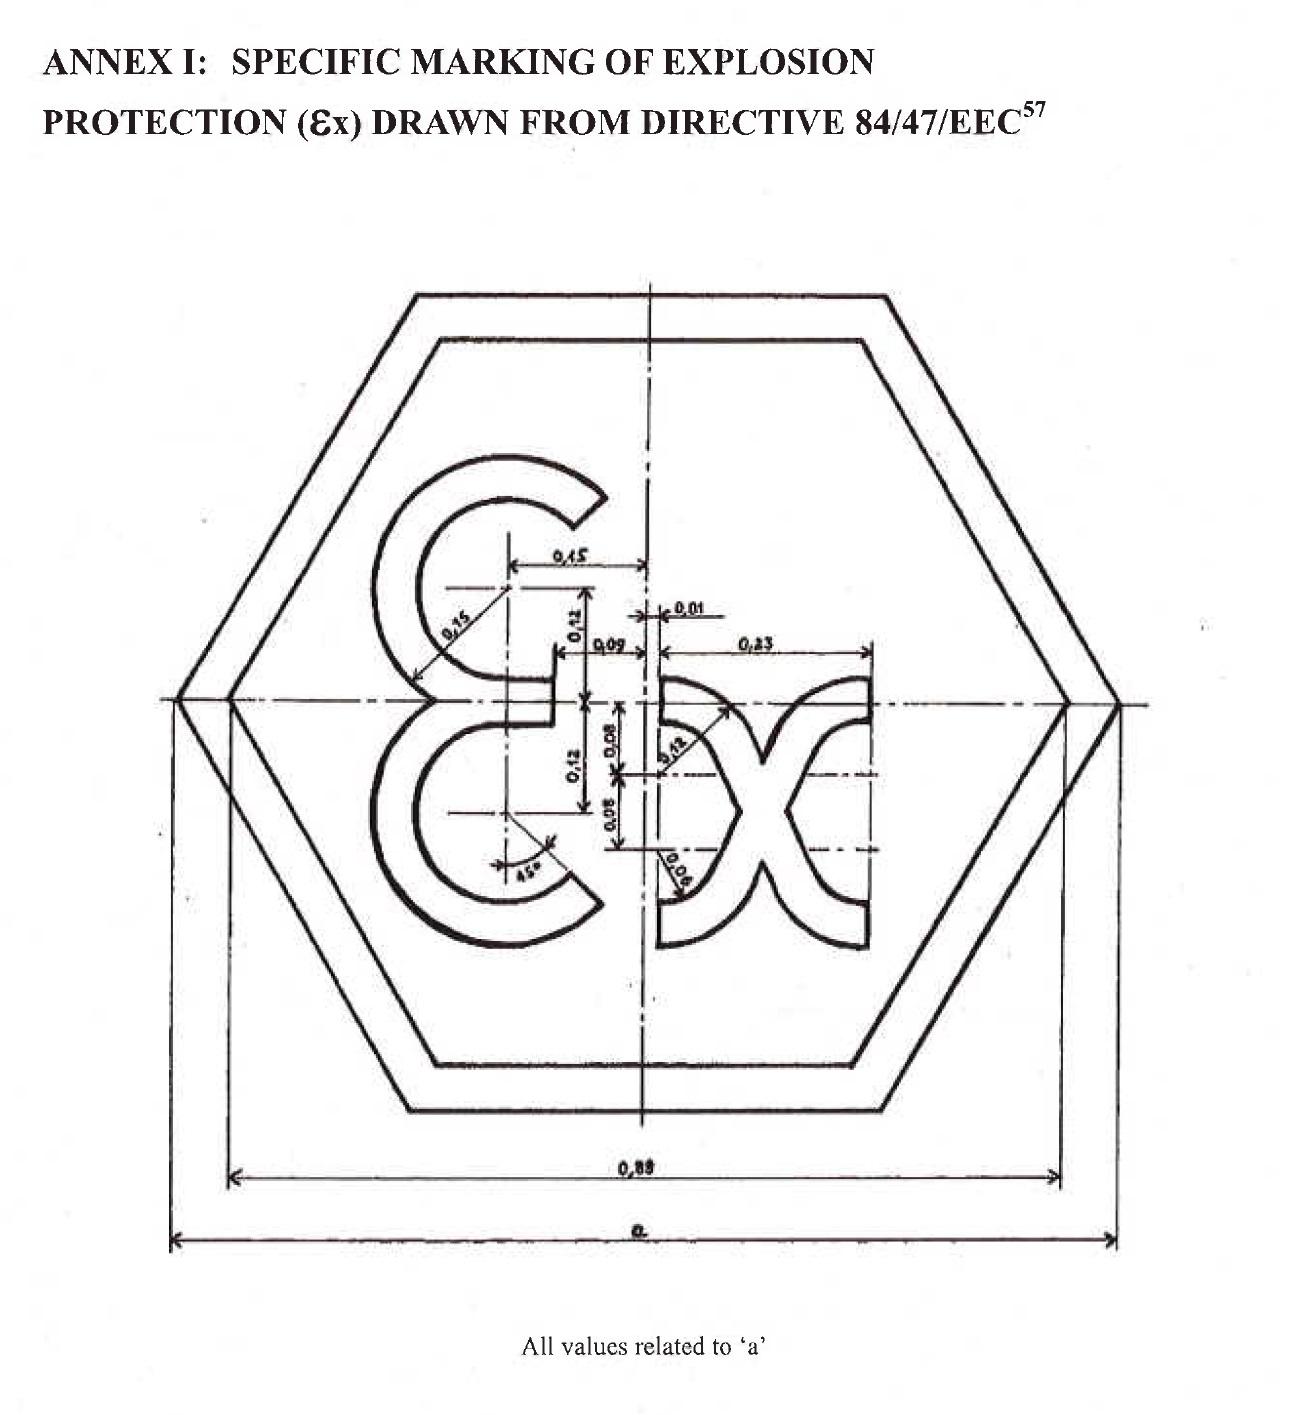 ATEX 94/9/EC directive marking